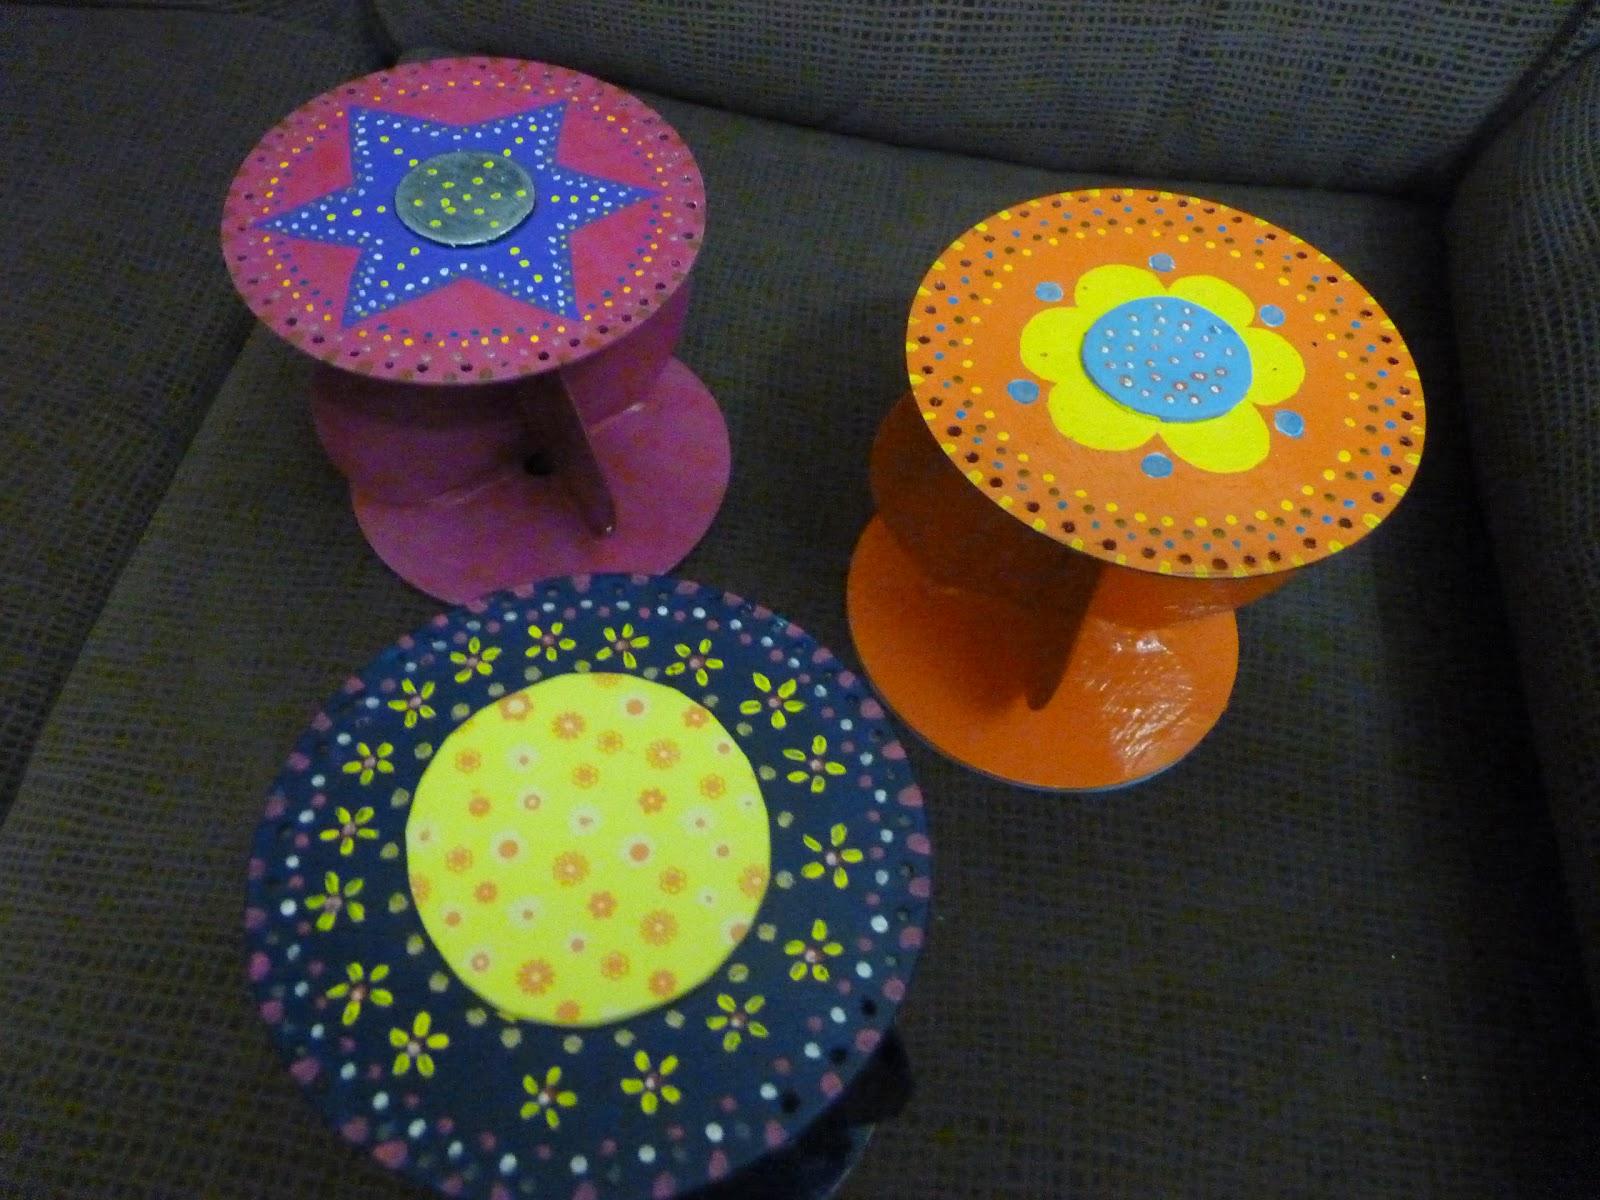 Artesania con papel artesania en papel articulos de decoraci n colgador de pendientes en cd - Colgadores de pendientes ...